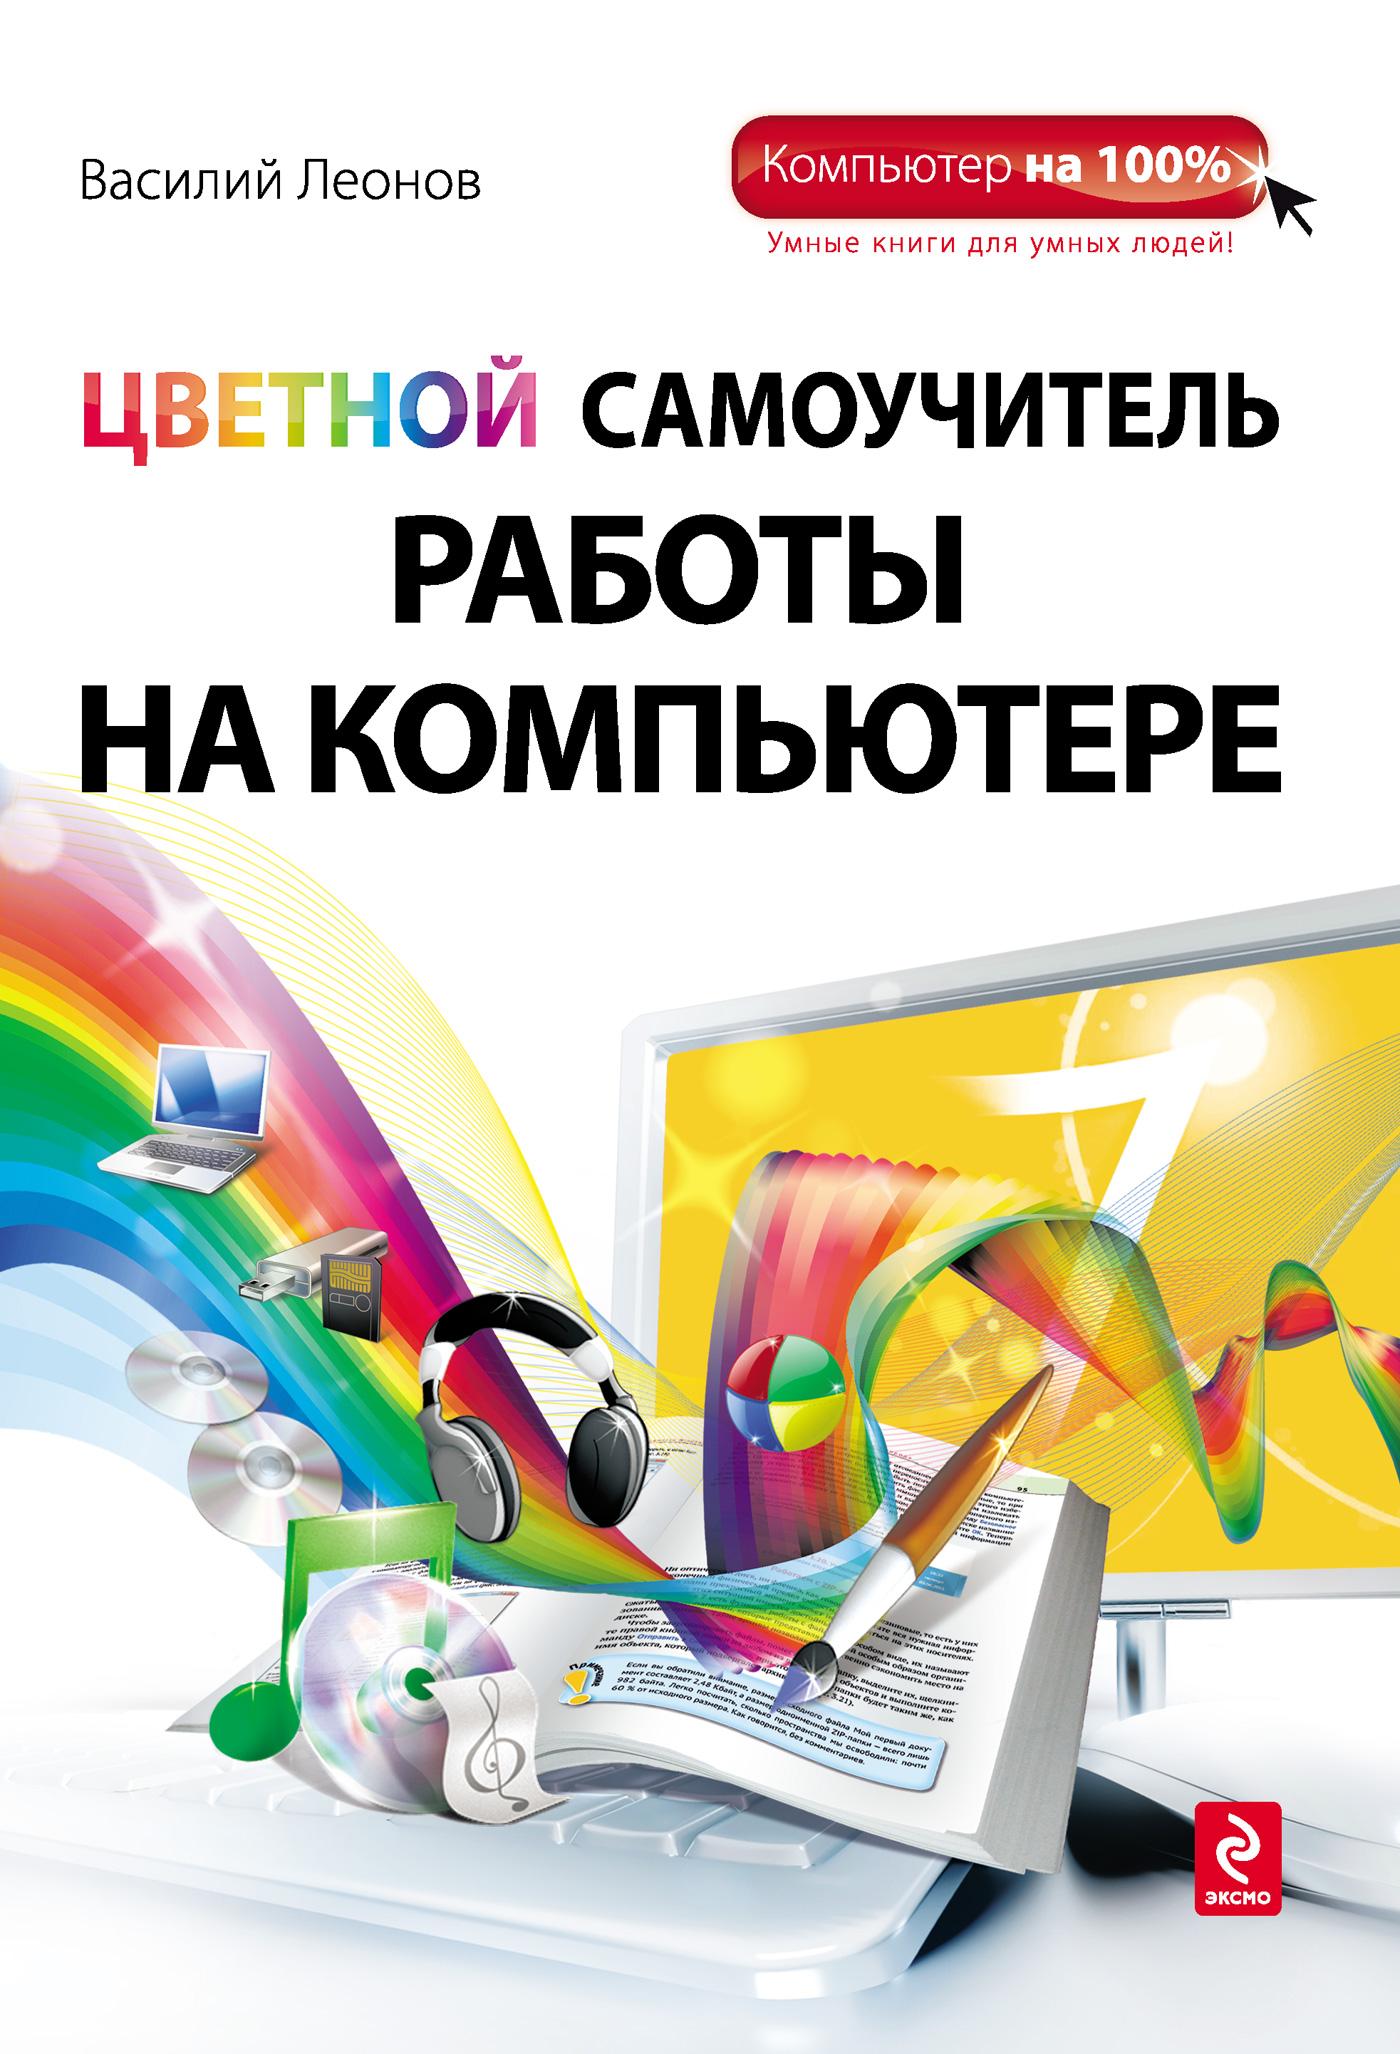 Василий Леонов Цветной самоучитель работы на компьютере леонов василий самоучитель работы на компьютере cd